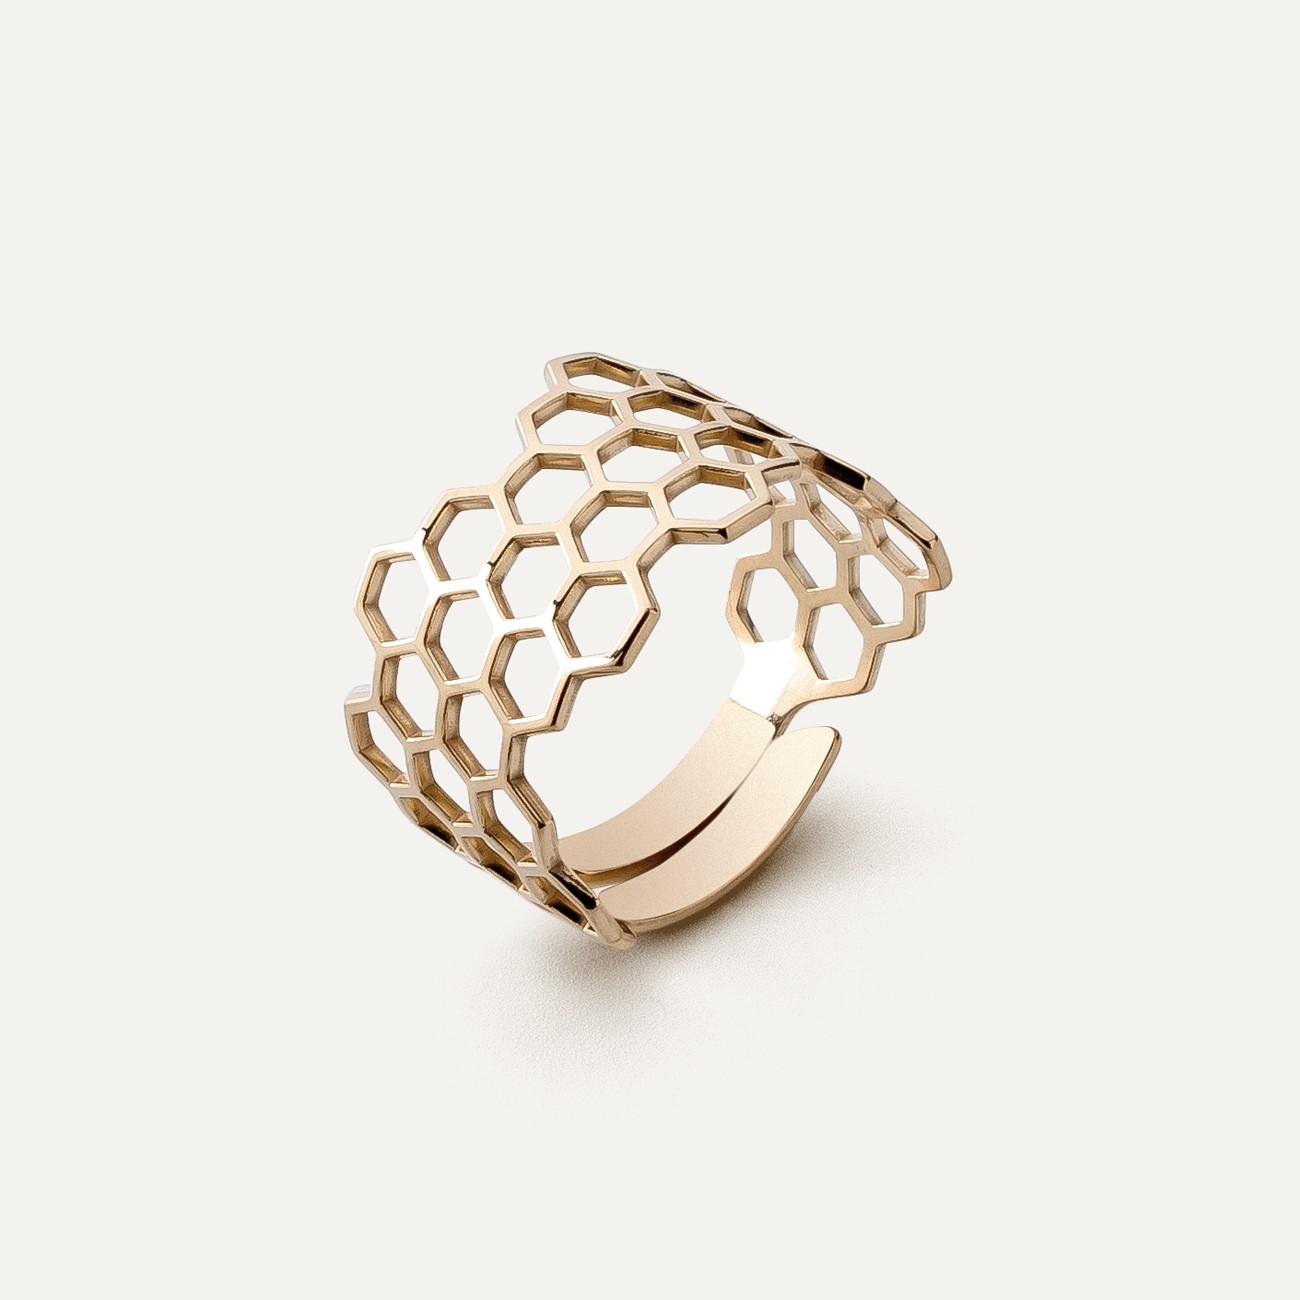 Srebrny pierścionek - plaster miodu, srebro 925